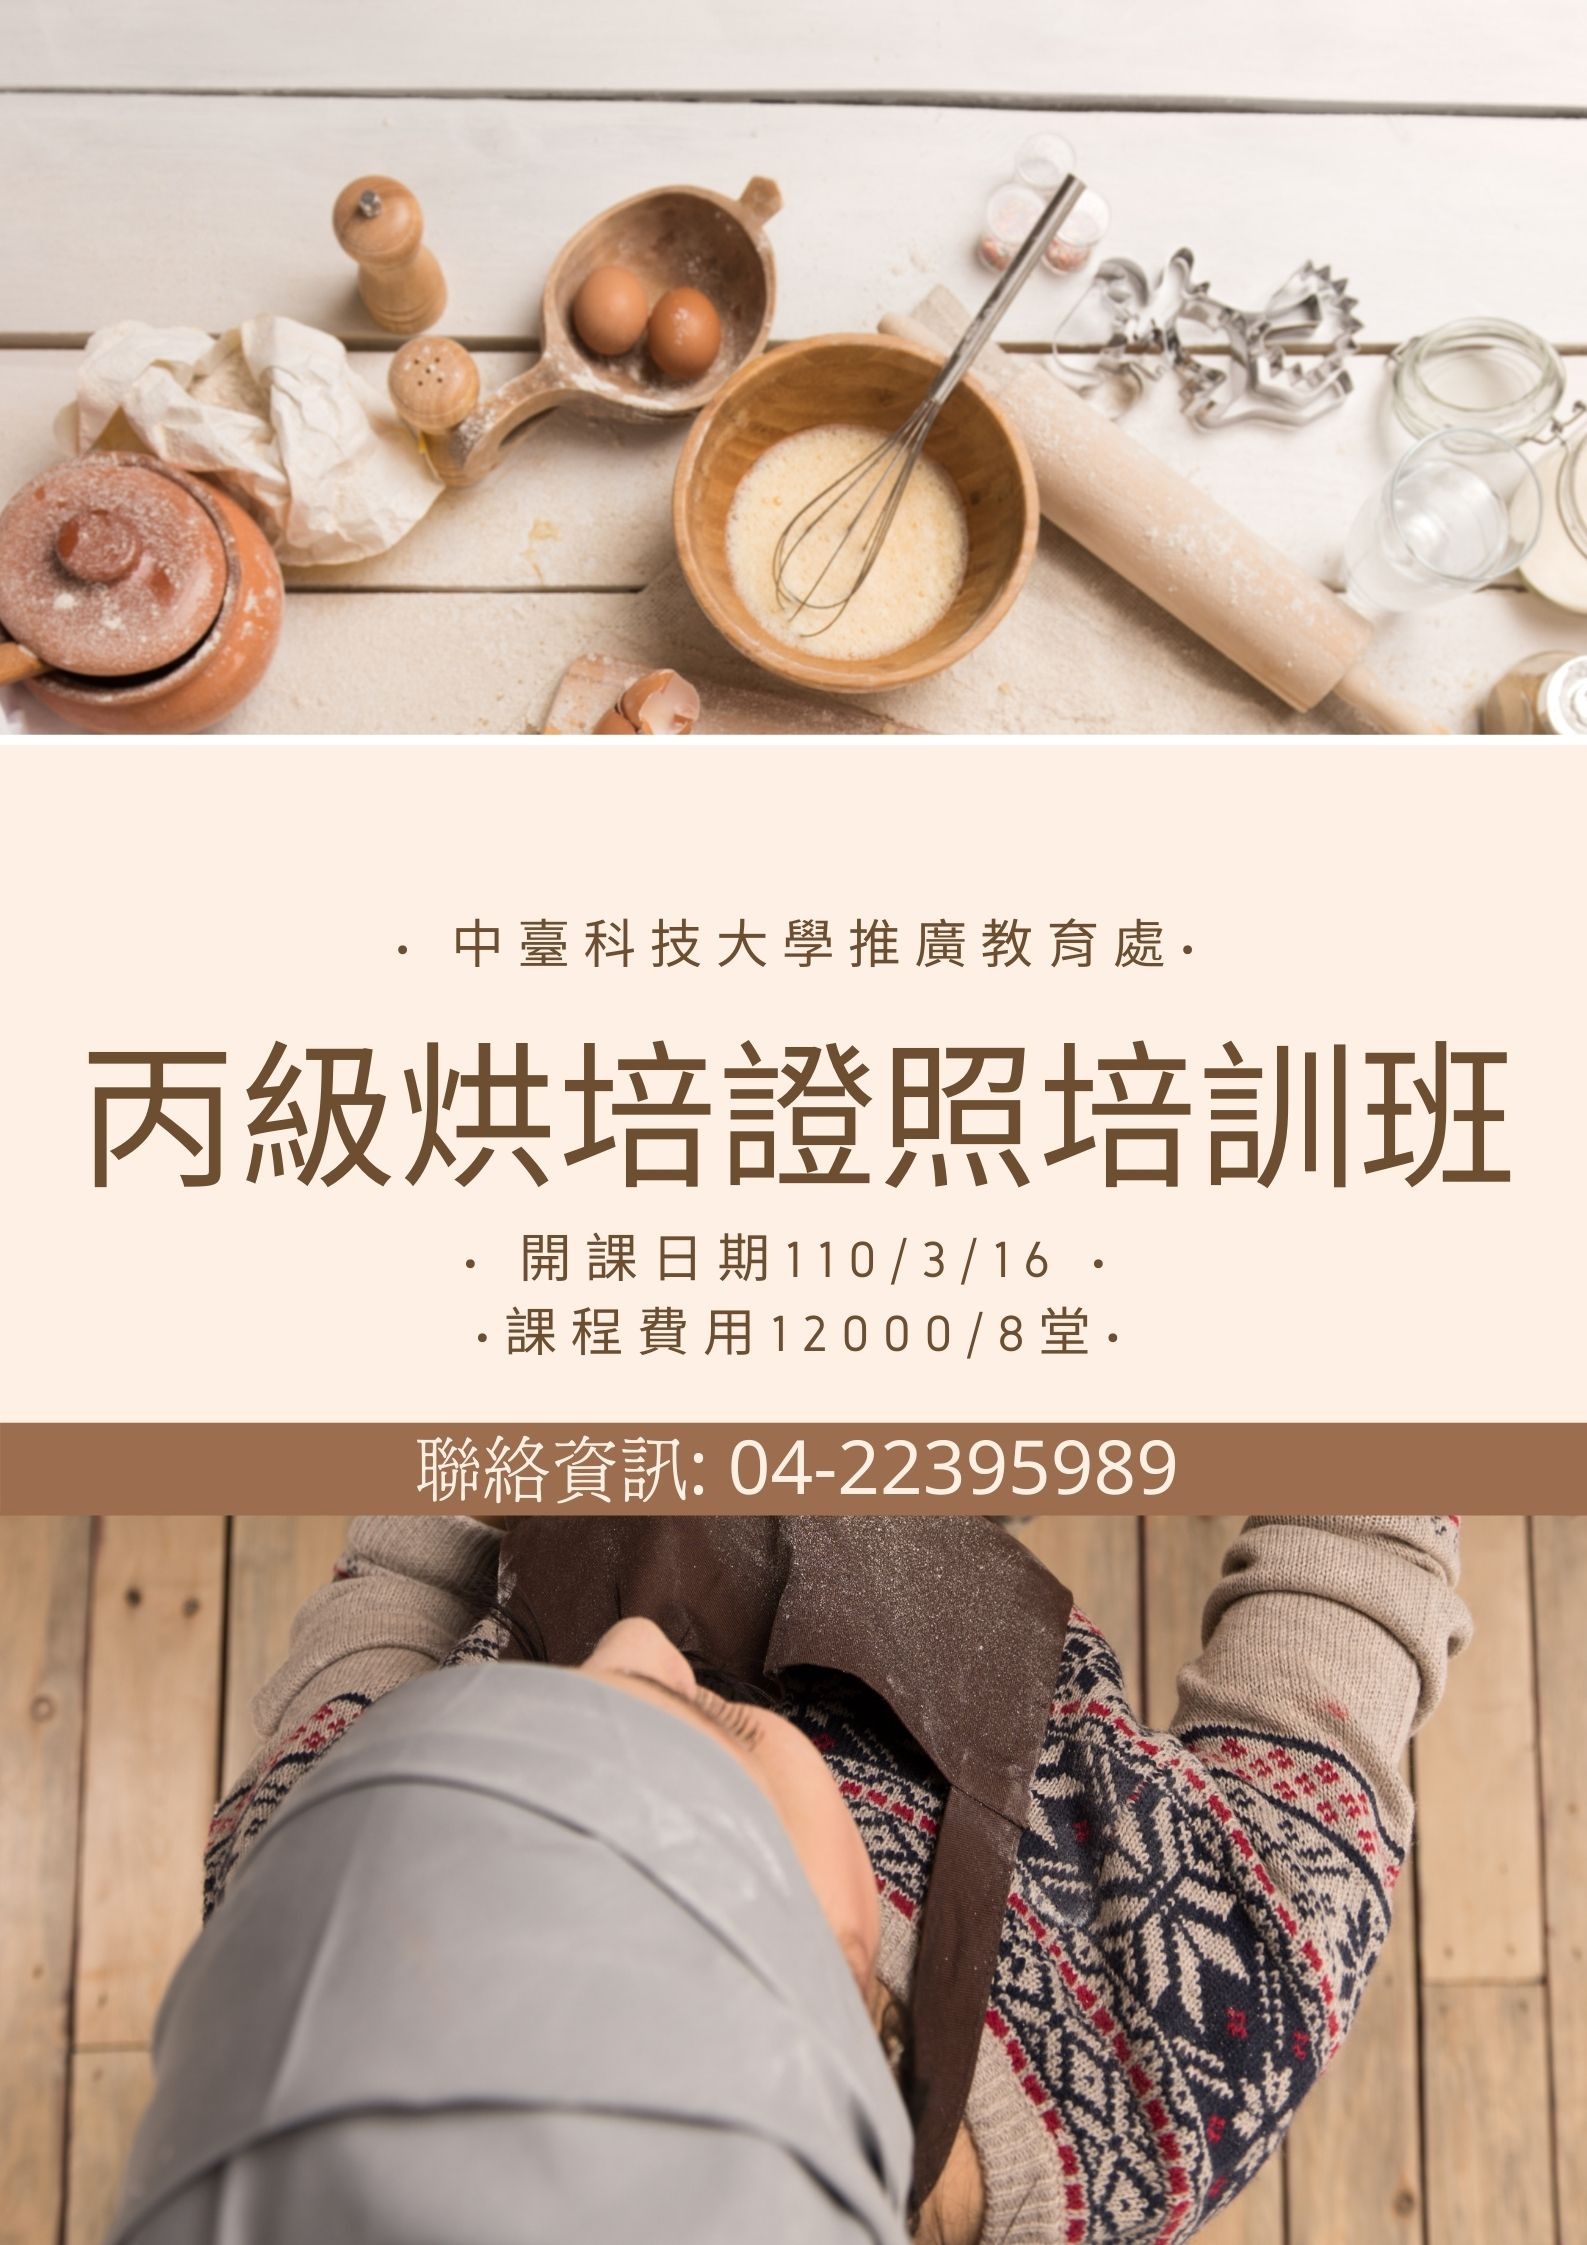 丙級烘焙證照培訓班 (1)